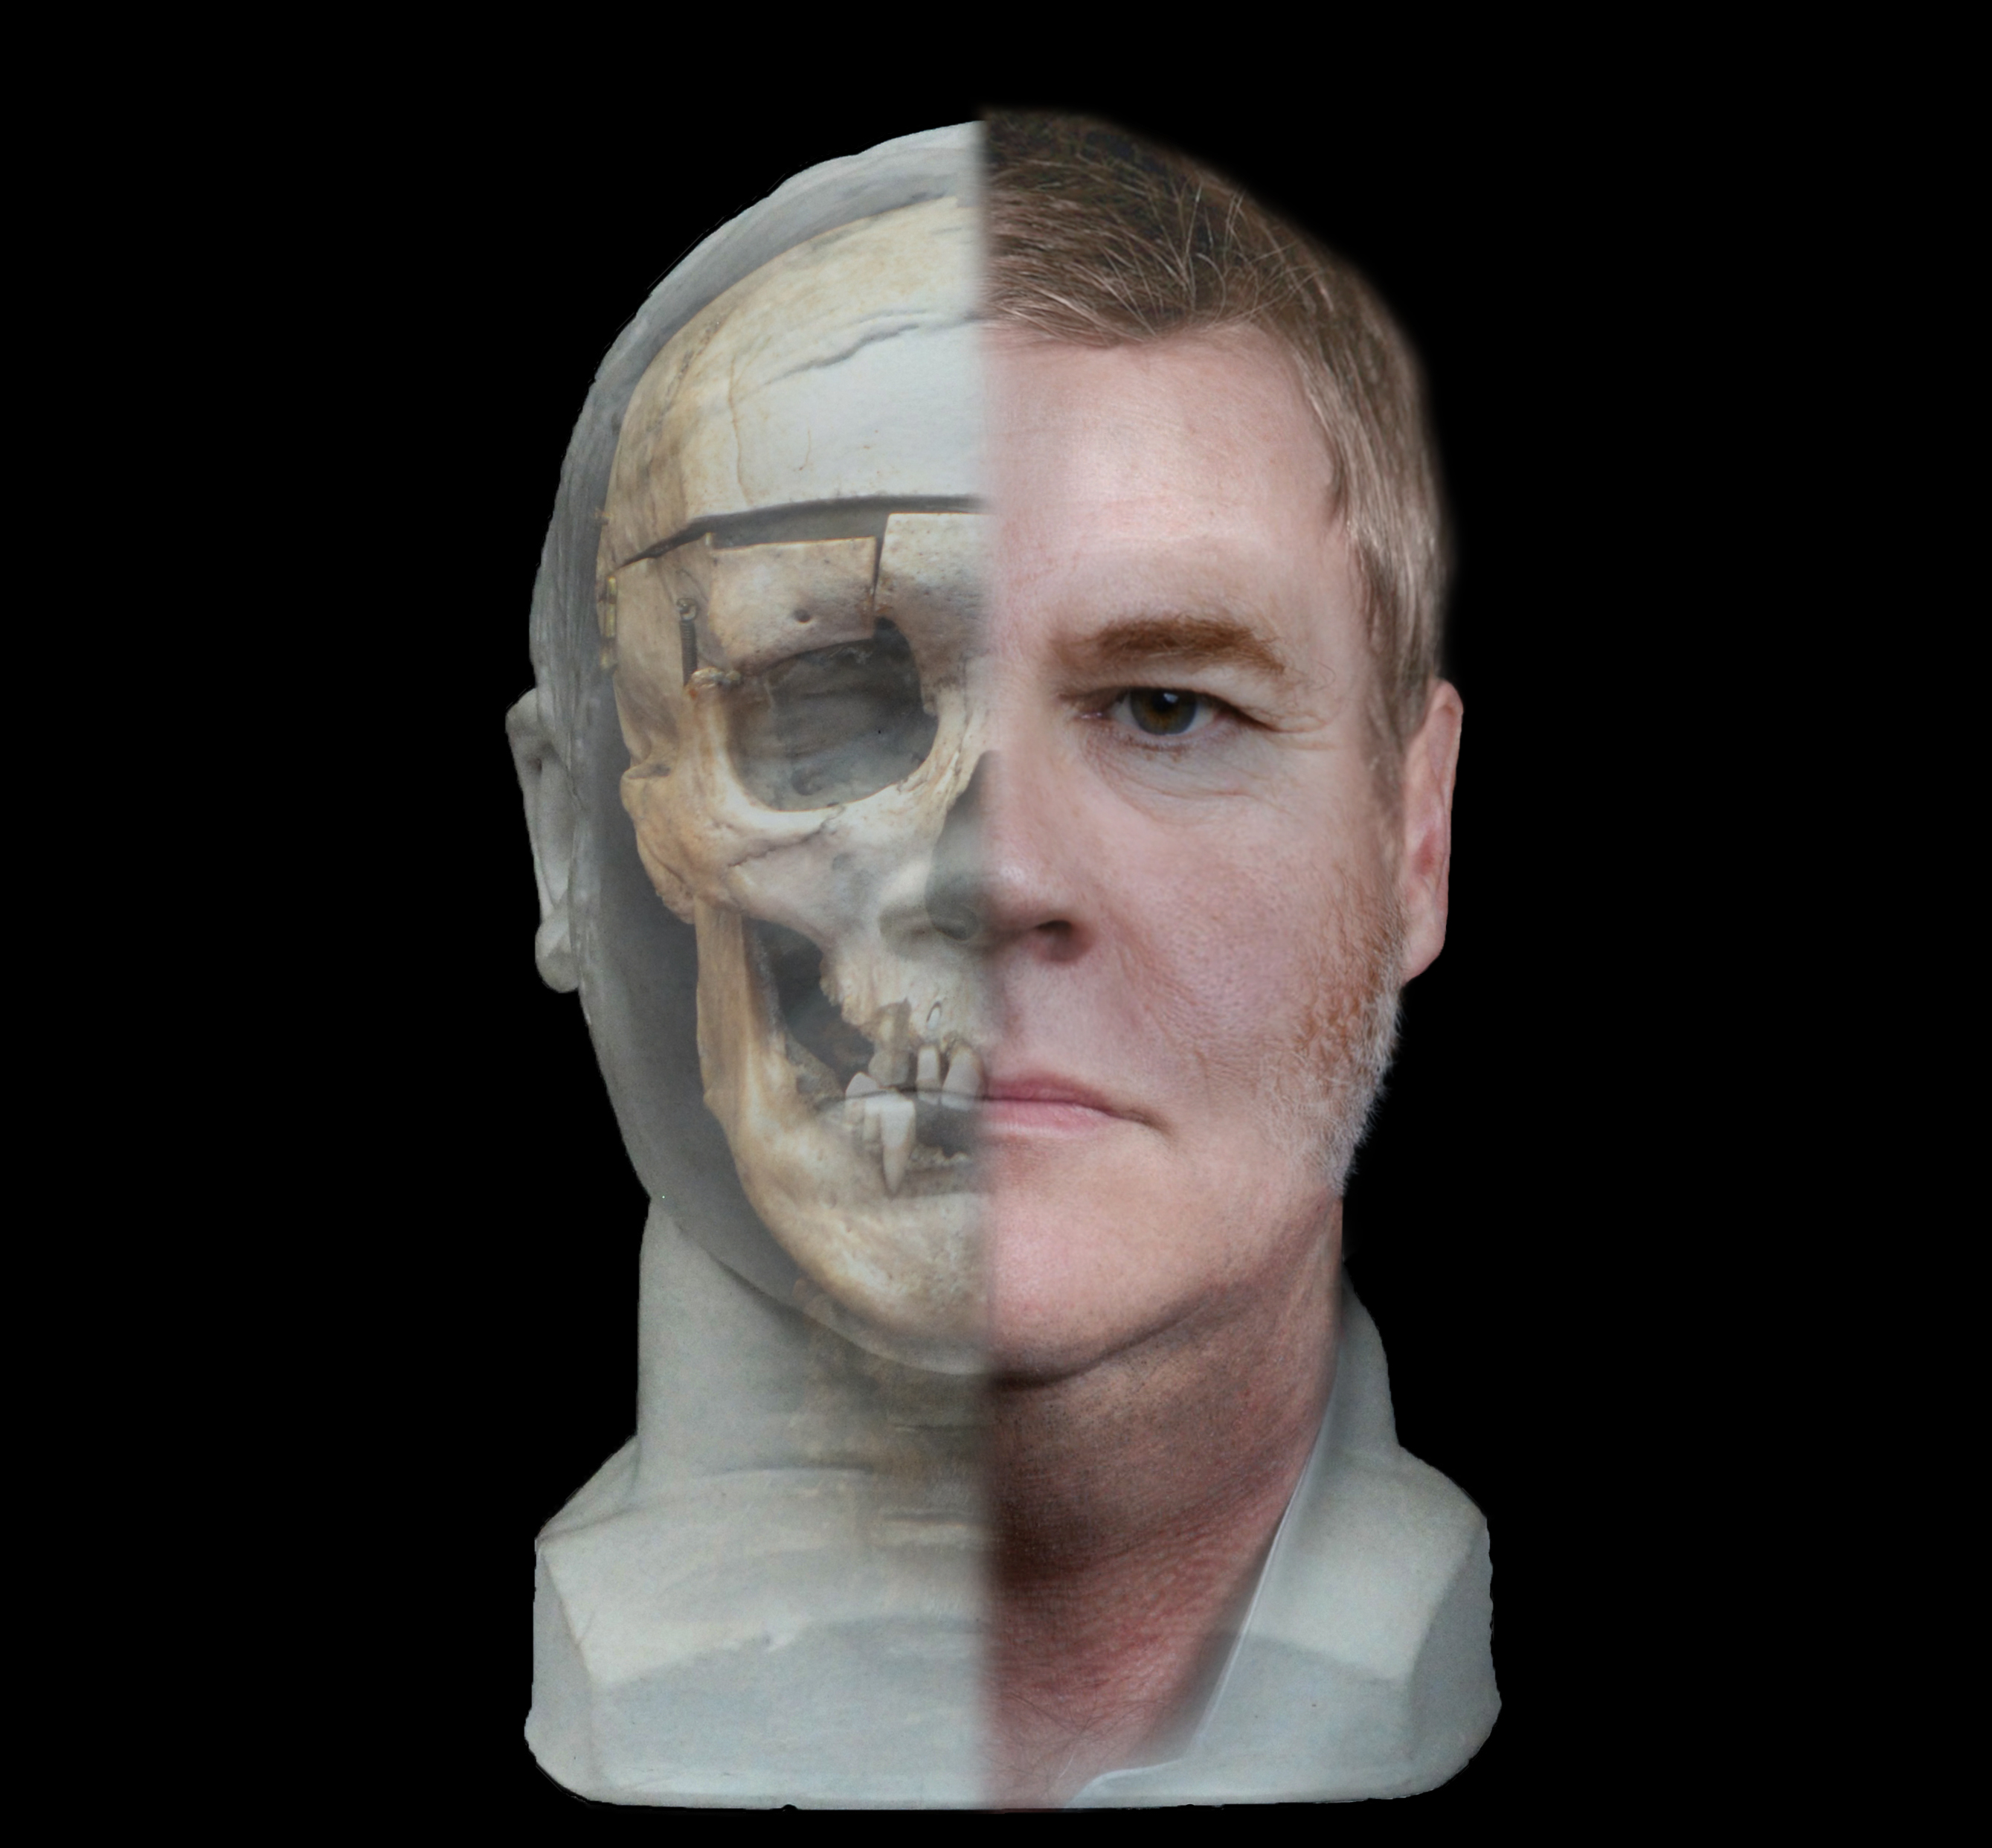 Przełom w rekonstrukcji twarzy i chirurgii pourazowej. Części ciała będzie można wydrukować